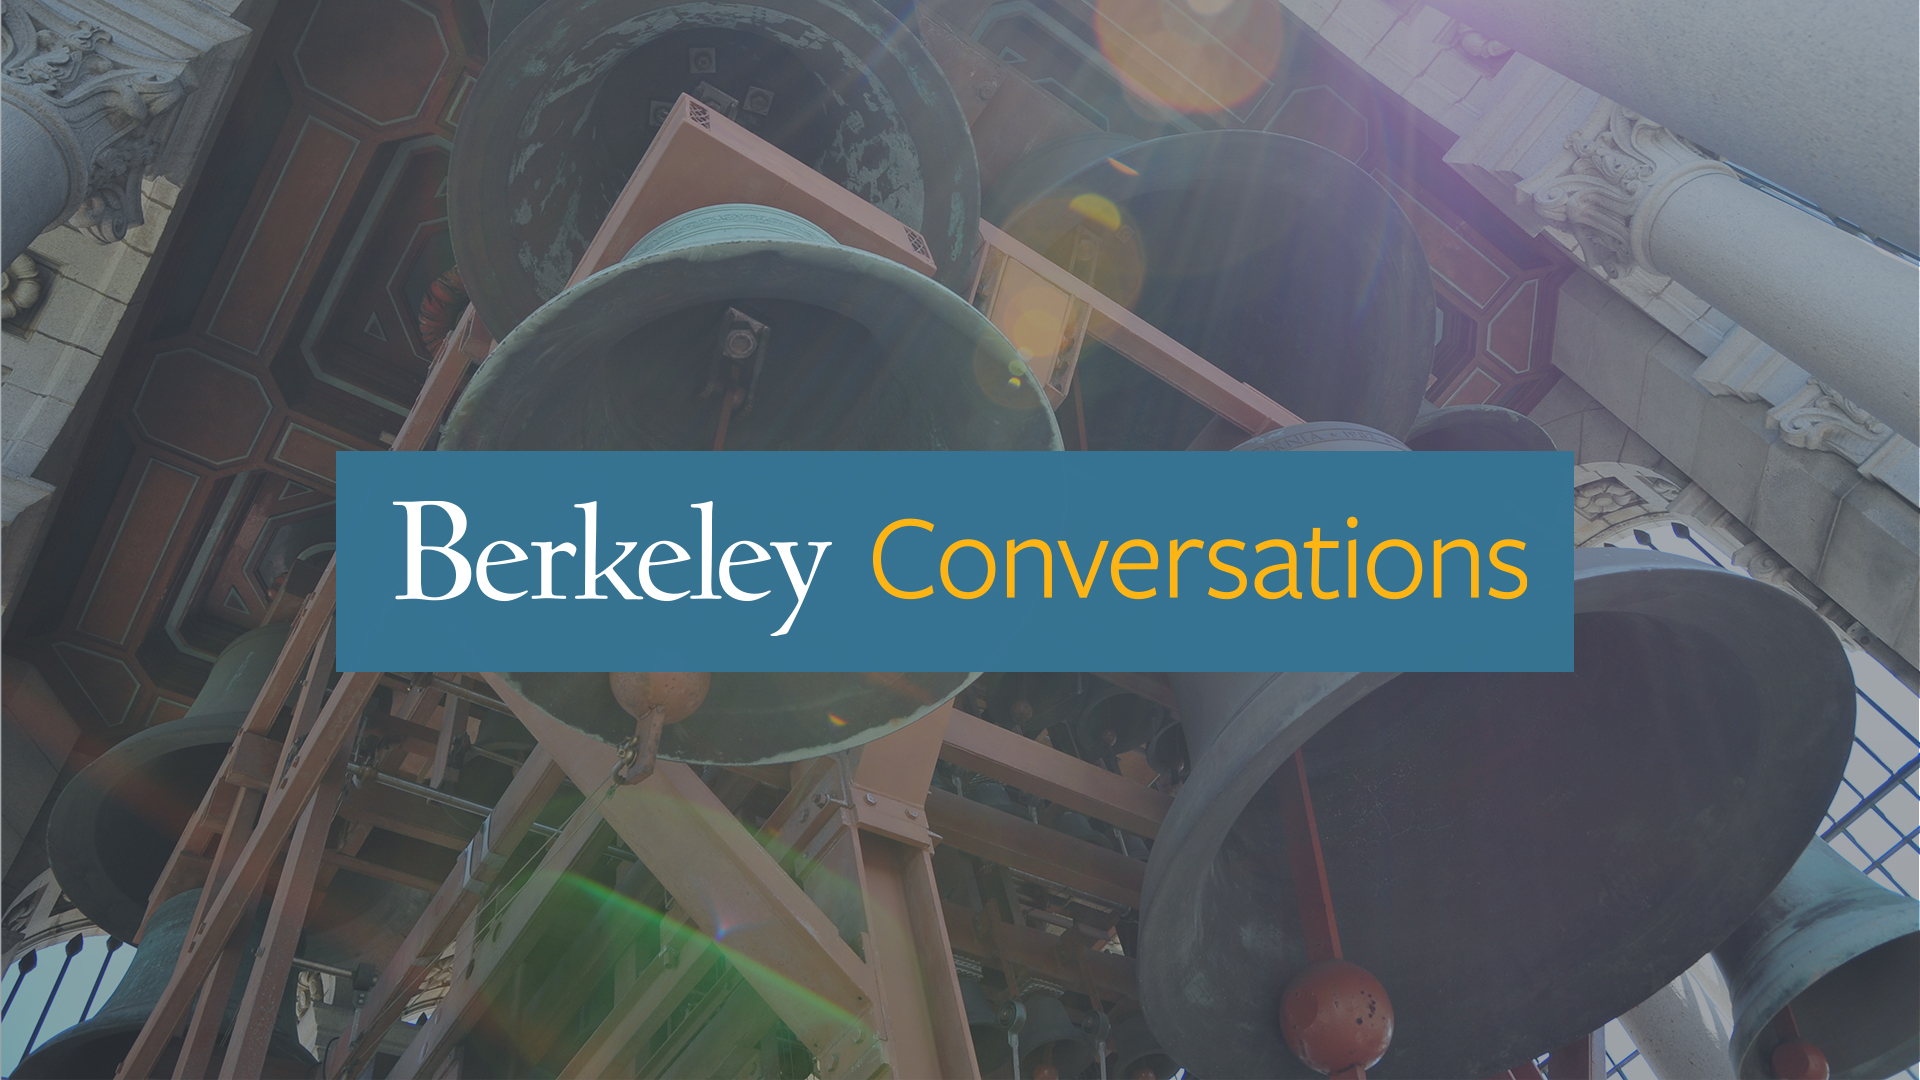 Berkeley Bells with blue bar